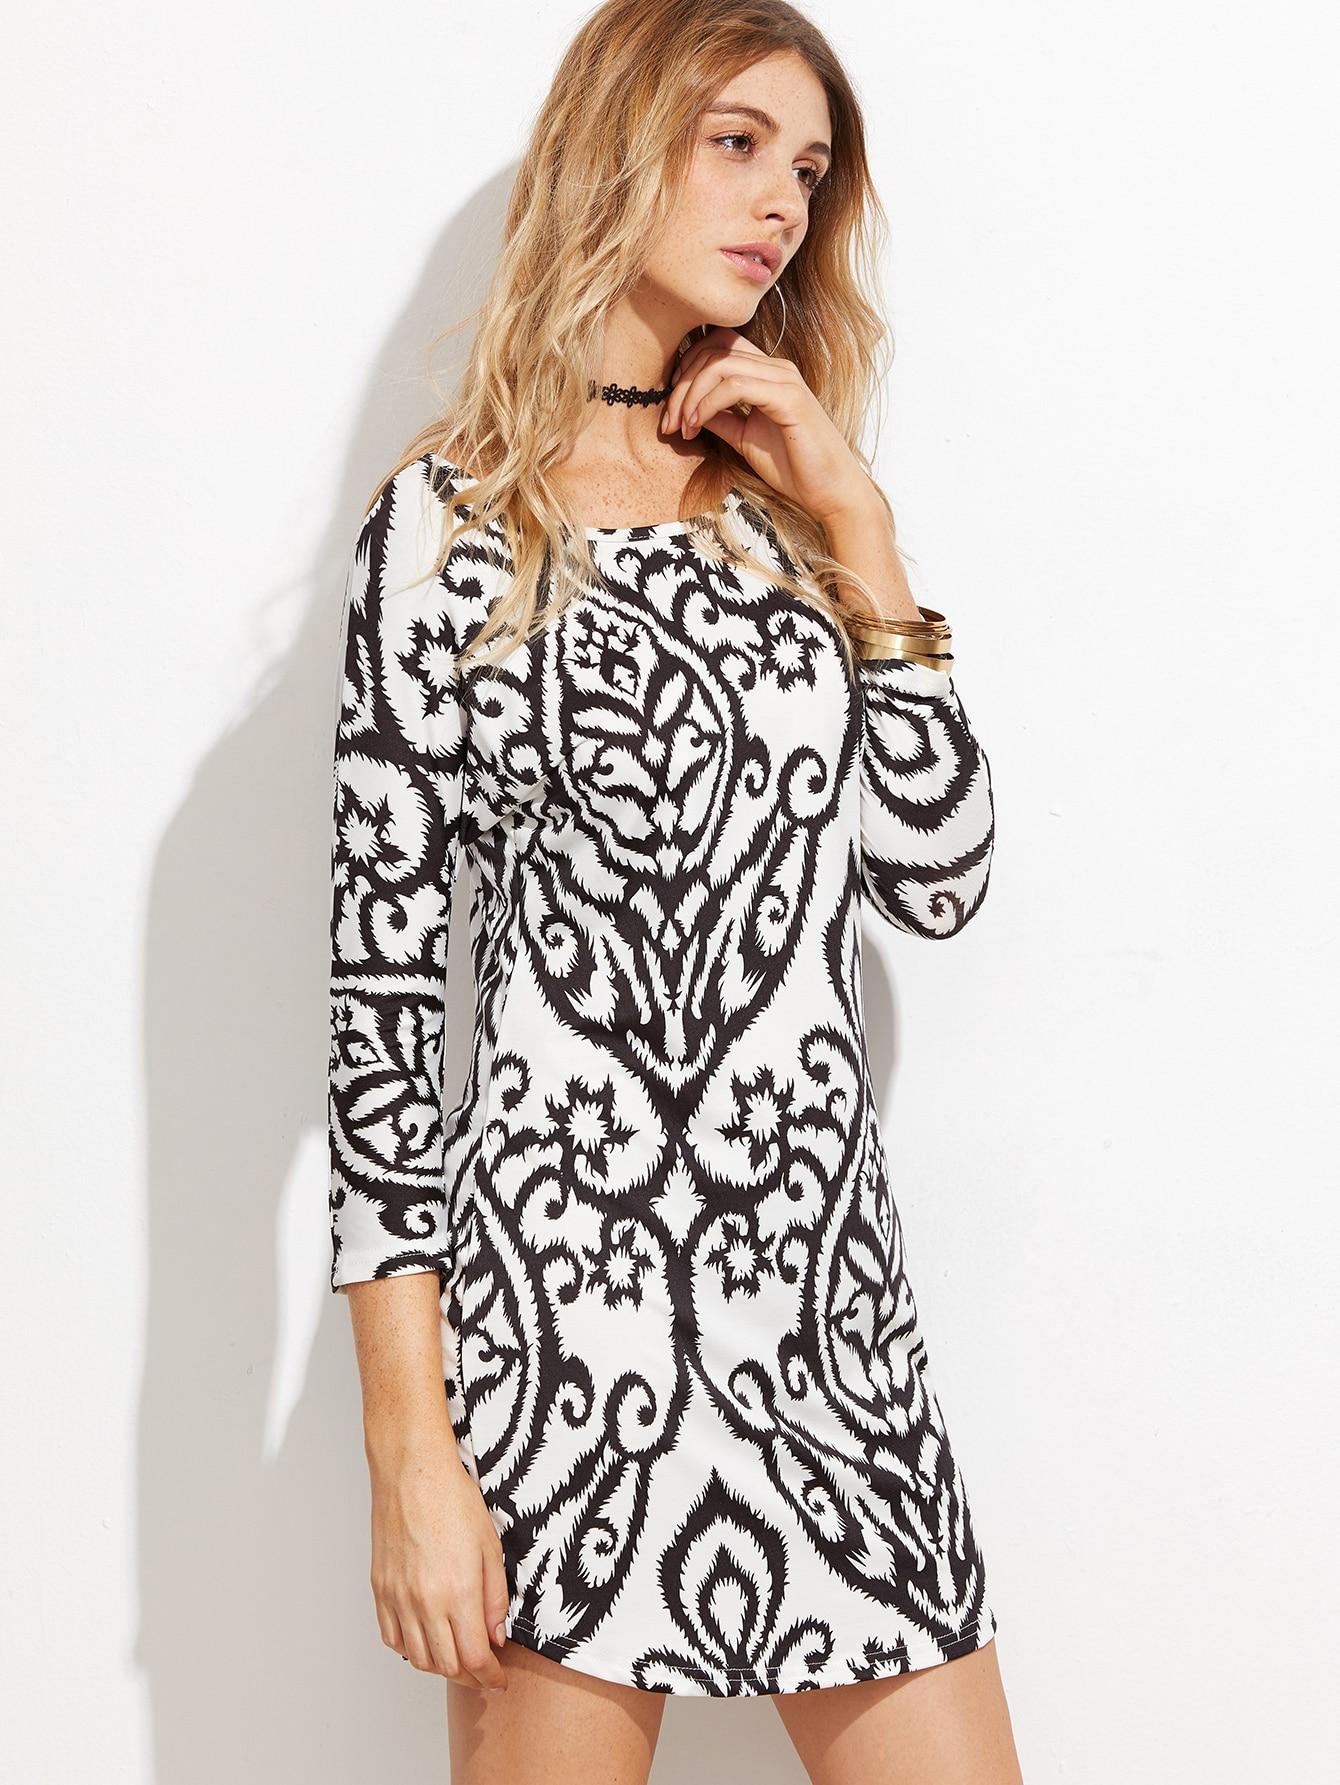 dress161012131_2